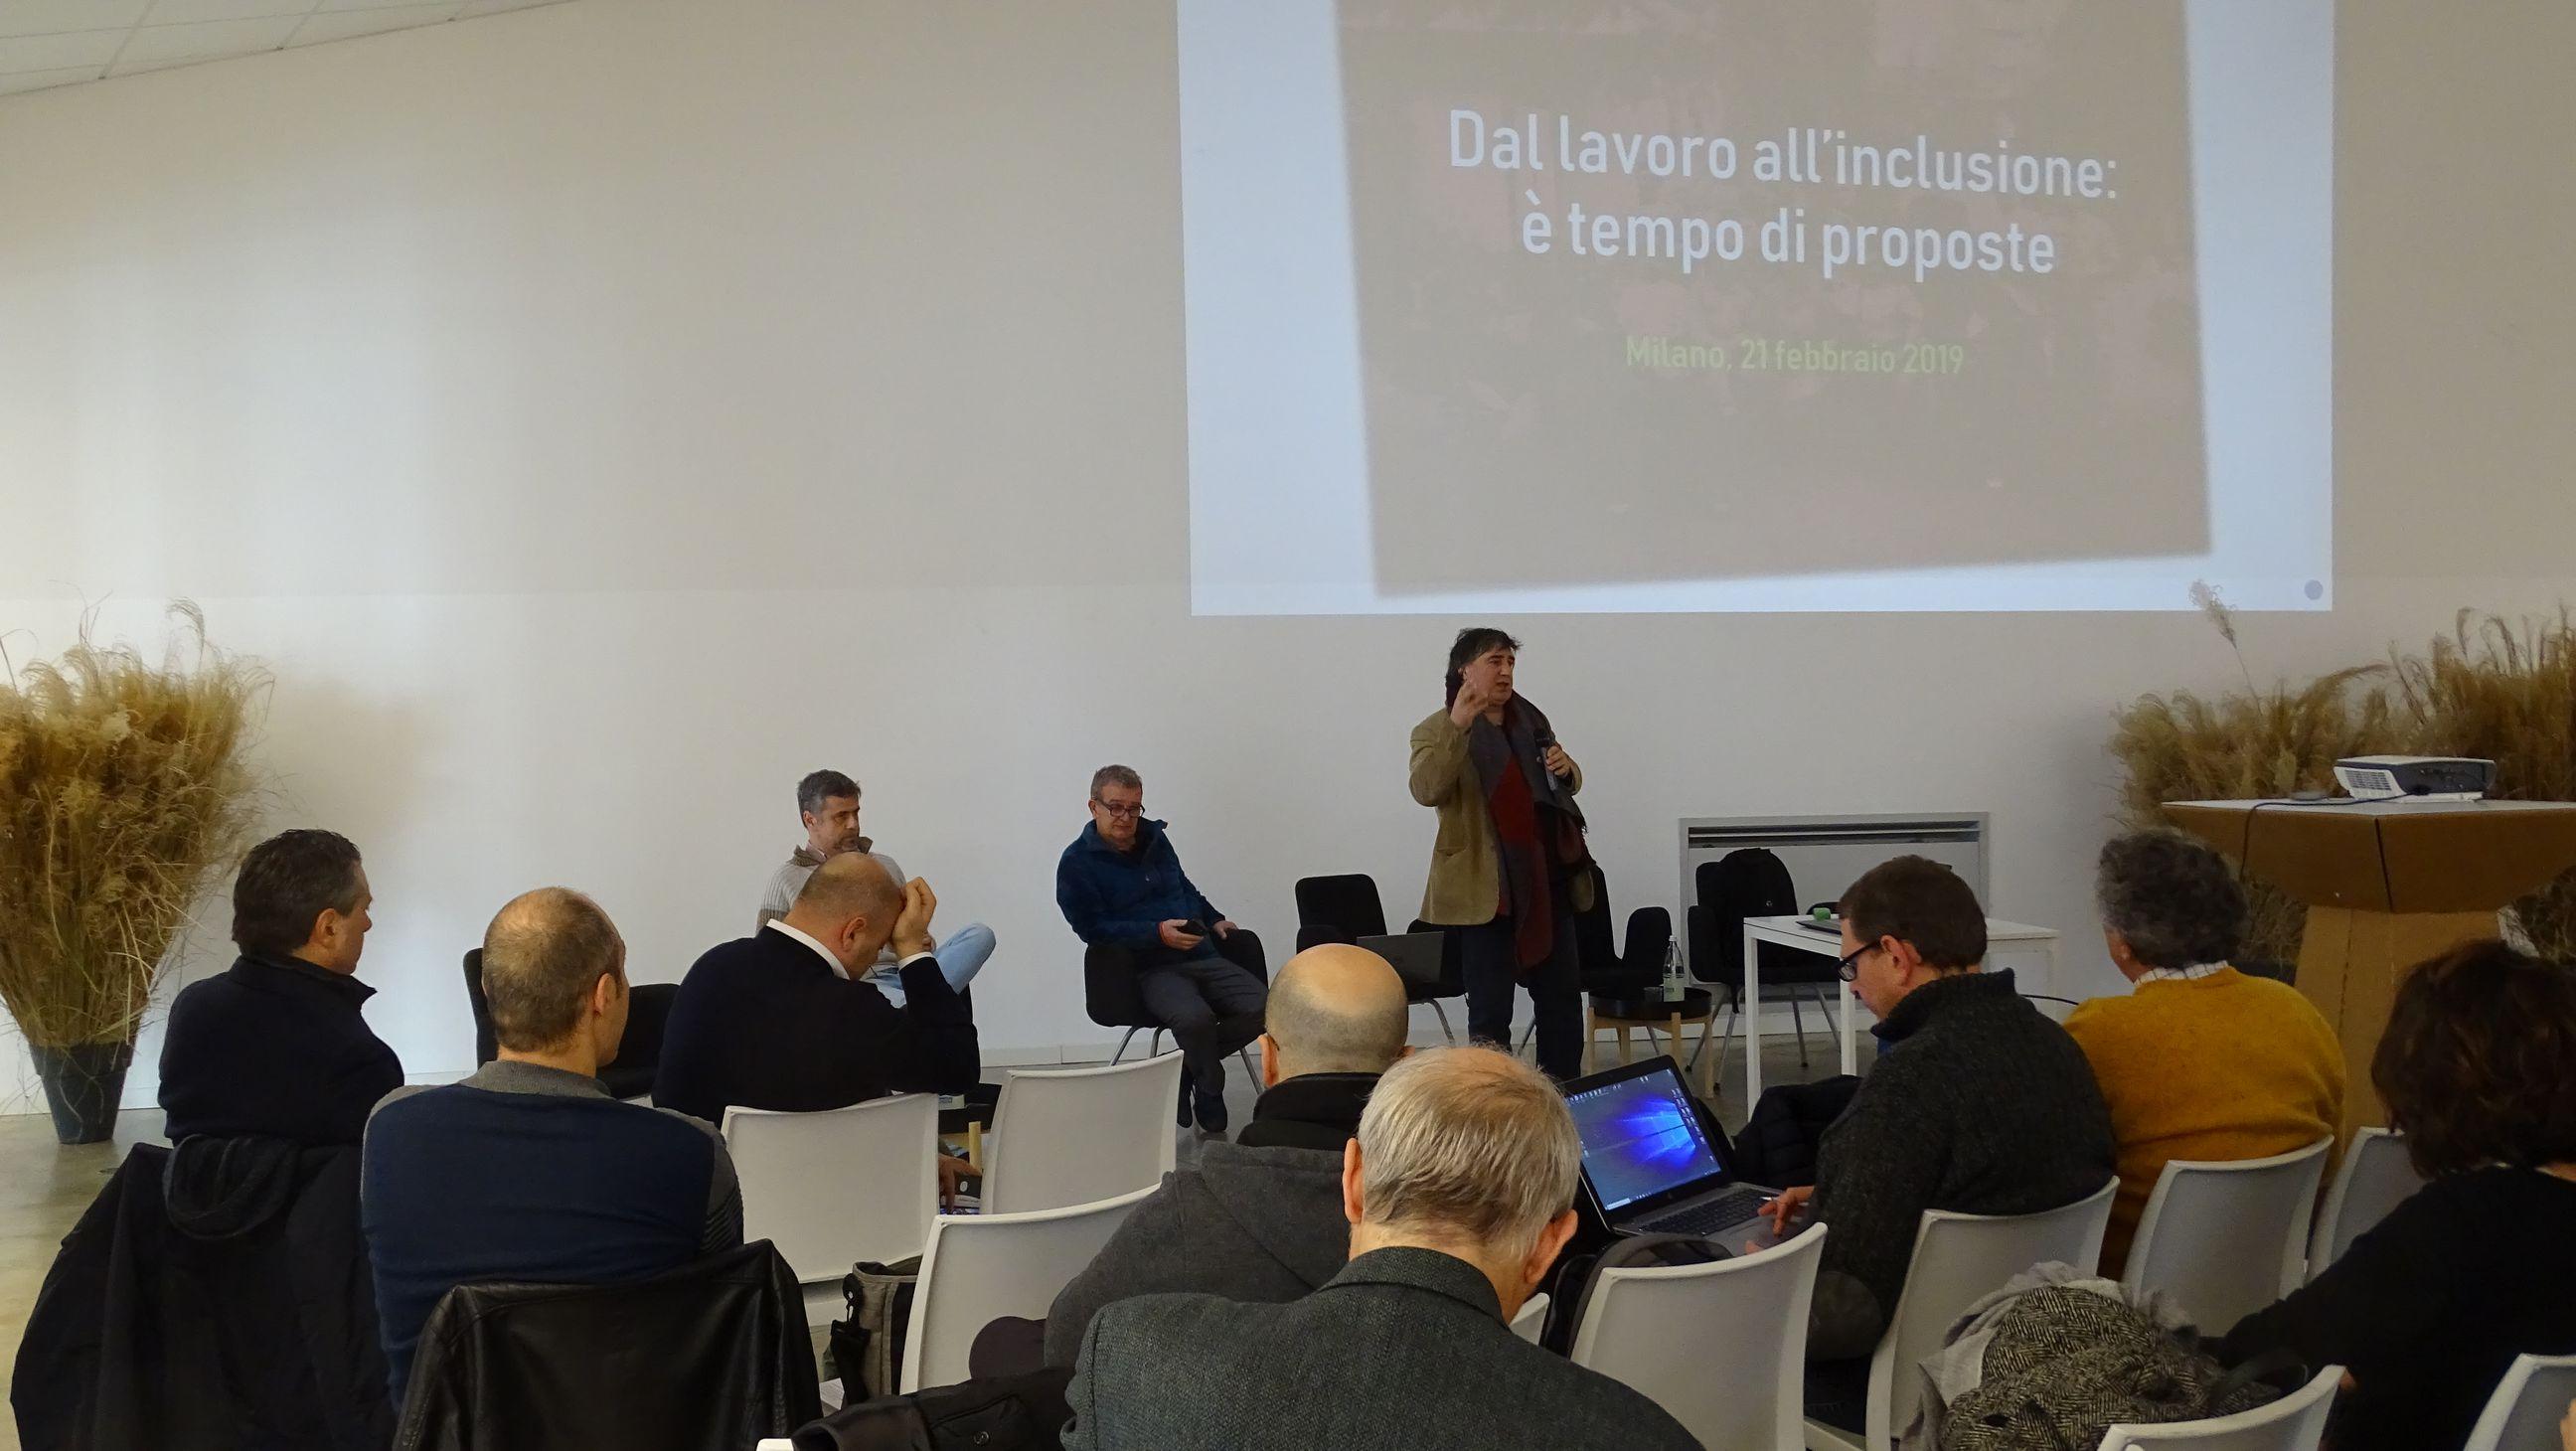 21-2-2019-Milano-04